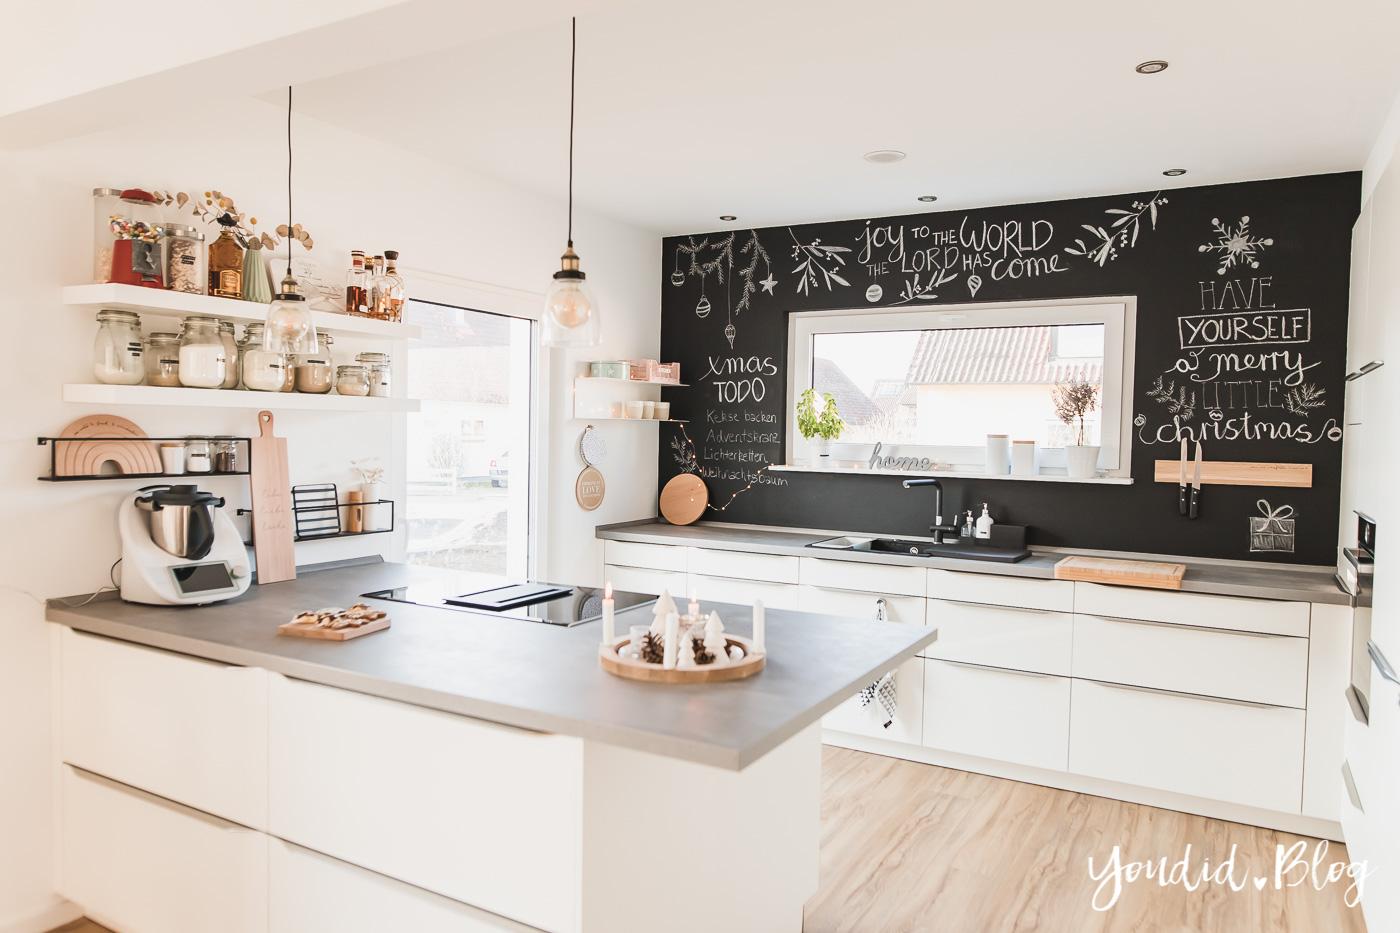 Fliesen Vinyl oder Holzfussboden in der Küche - Unsere Erfahrungen mit dem Purline Bioboden von Wineo Vinyl selbst verlegen Weihnachtstafelbild | https://youdid.blog